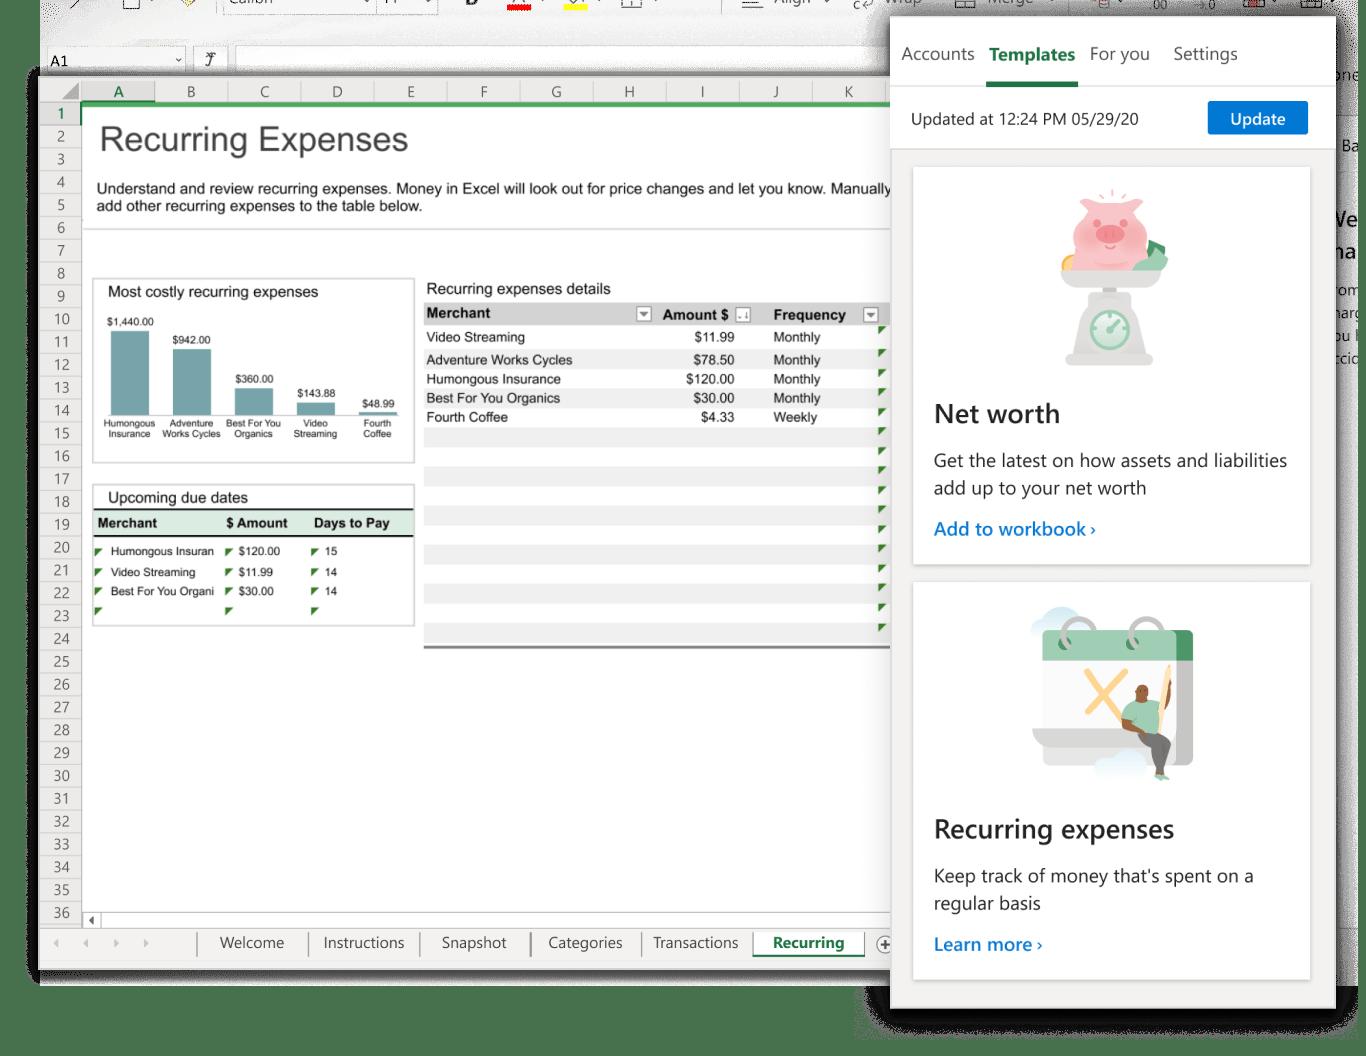 Funkcje w Excelu po polsku I angielsku